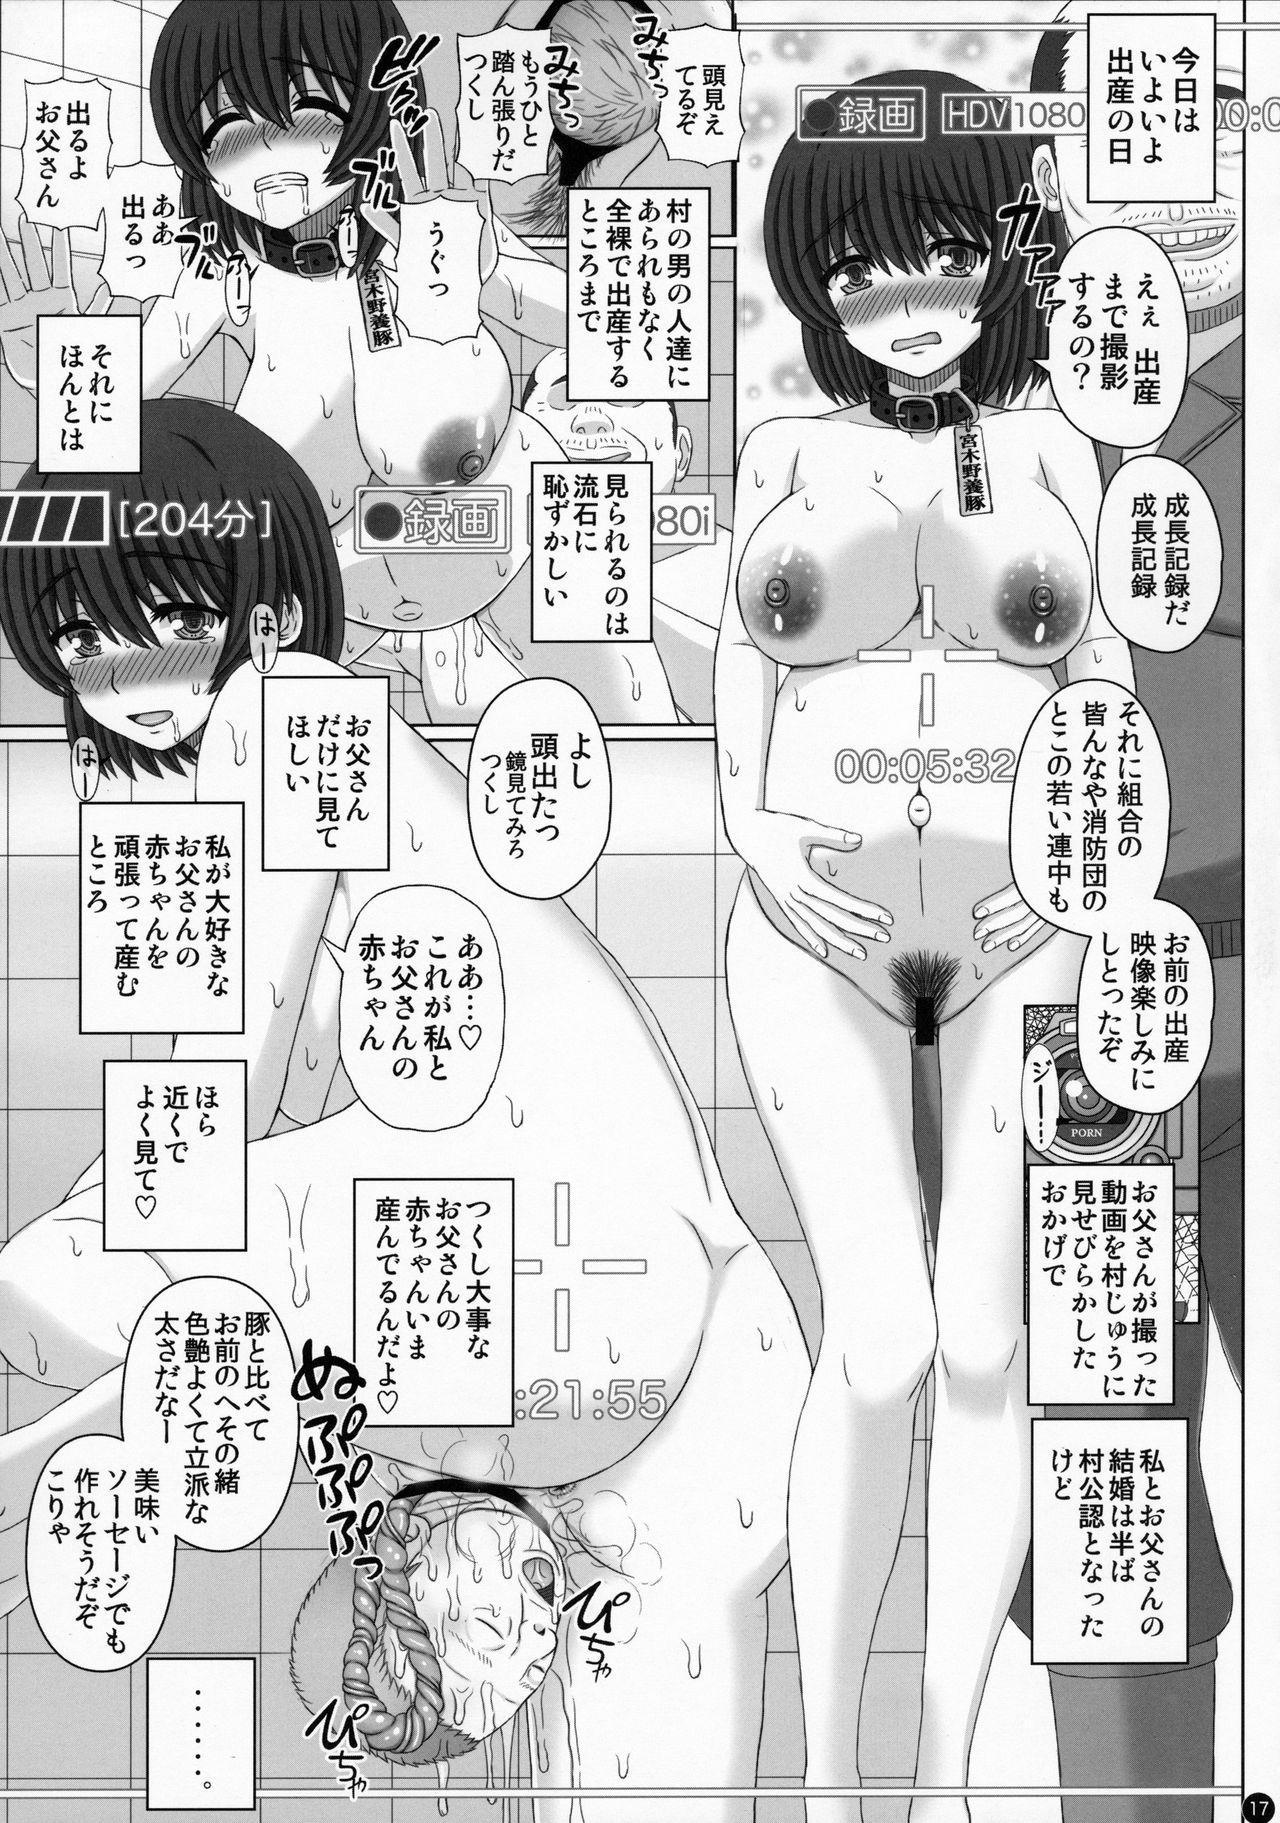 Watashi Ganbatte Otou-san to Kazoku o Fuyasu kara ne. 15